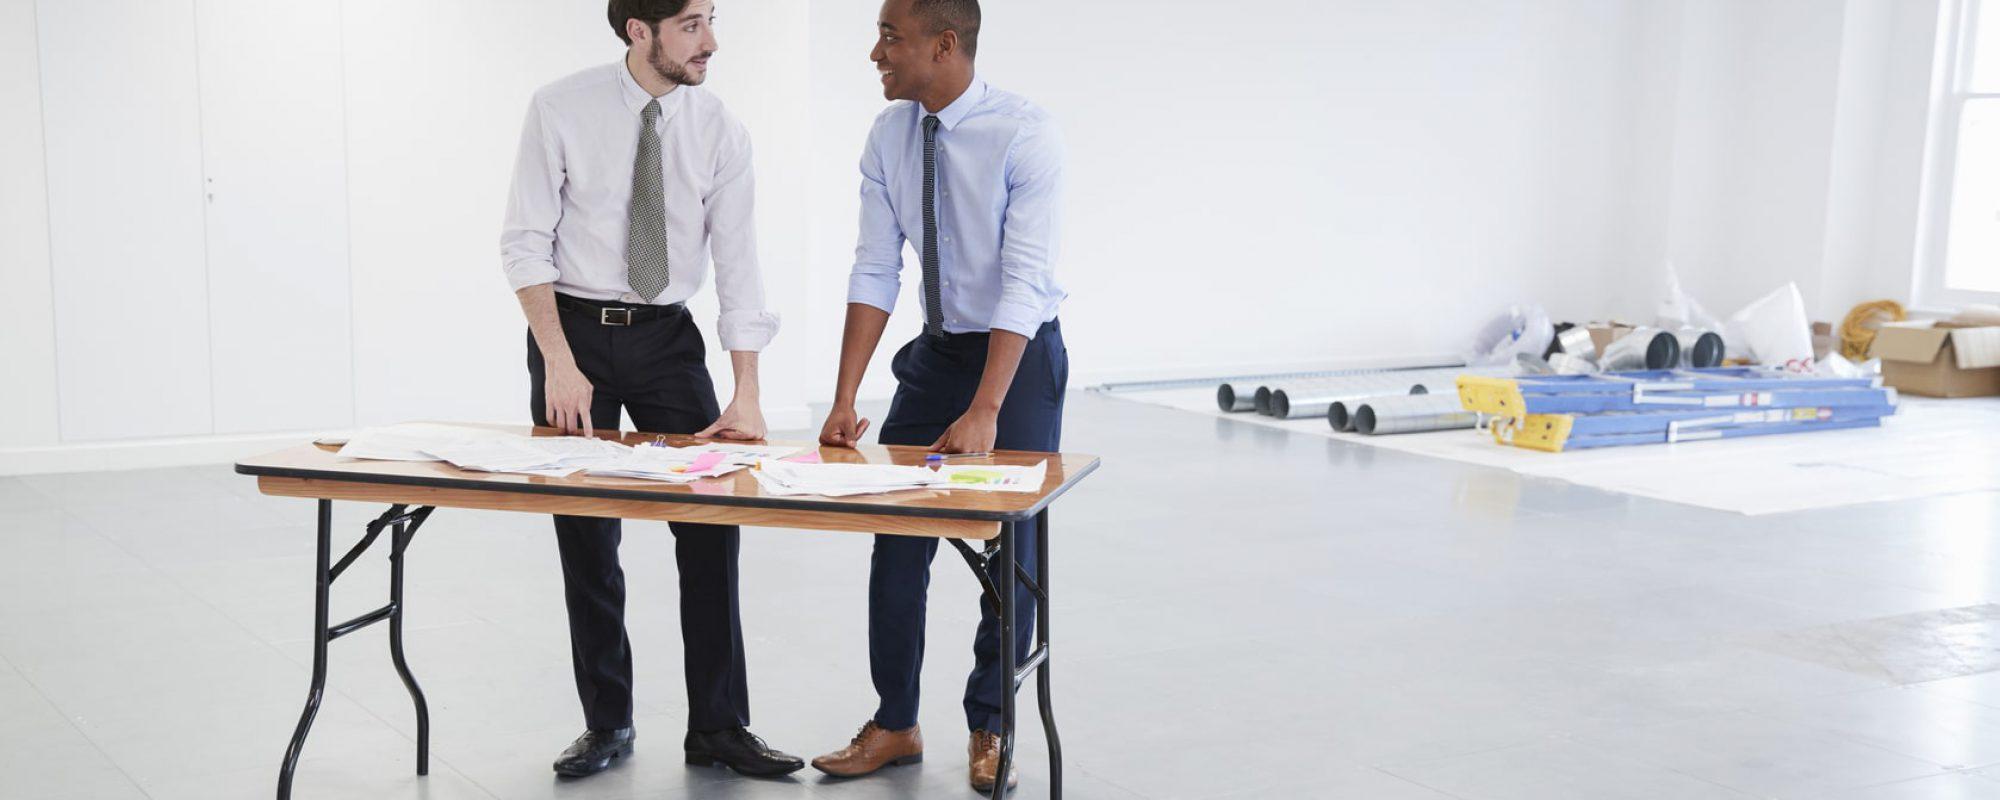 businessmen-discussing-plans-for-office-interior-PHE9RJM-min